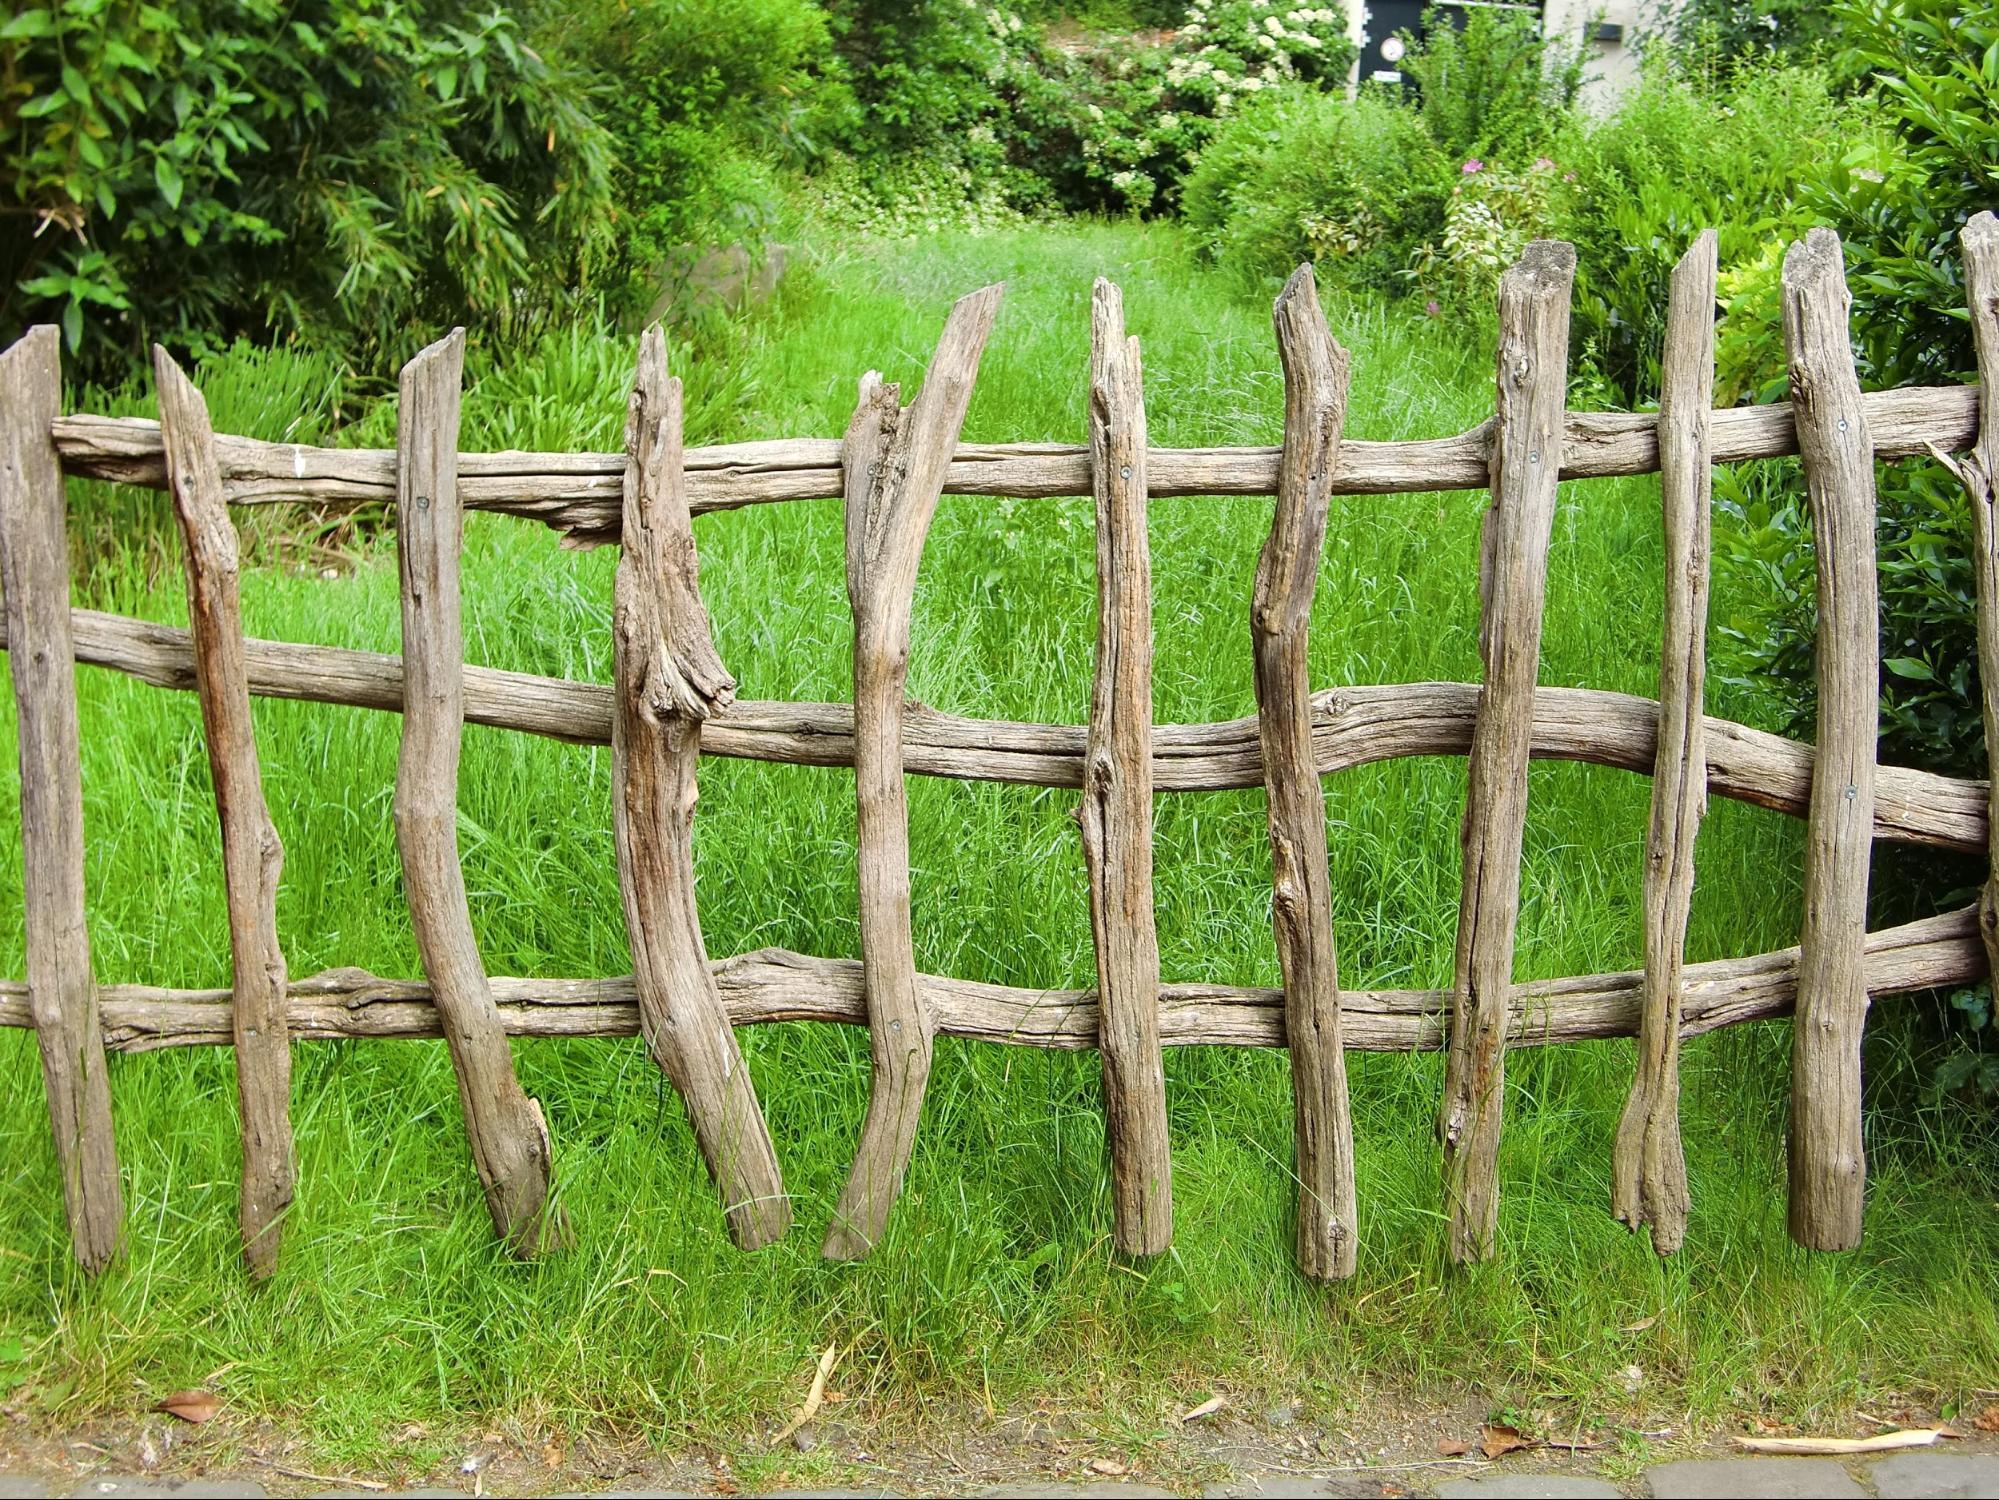 Ogrodzenie z drewnianych belek